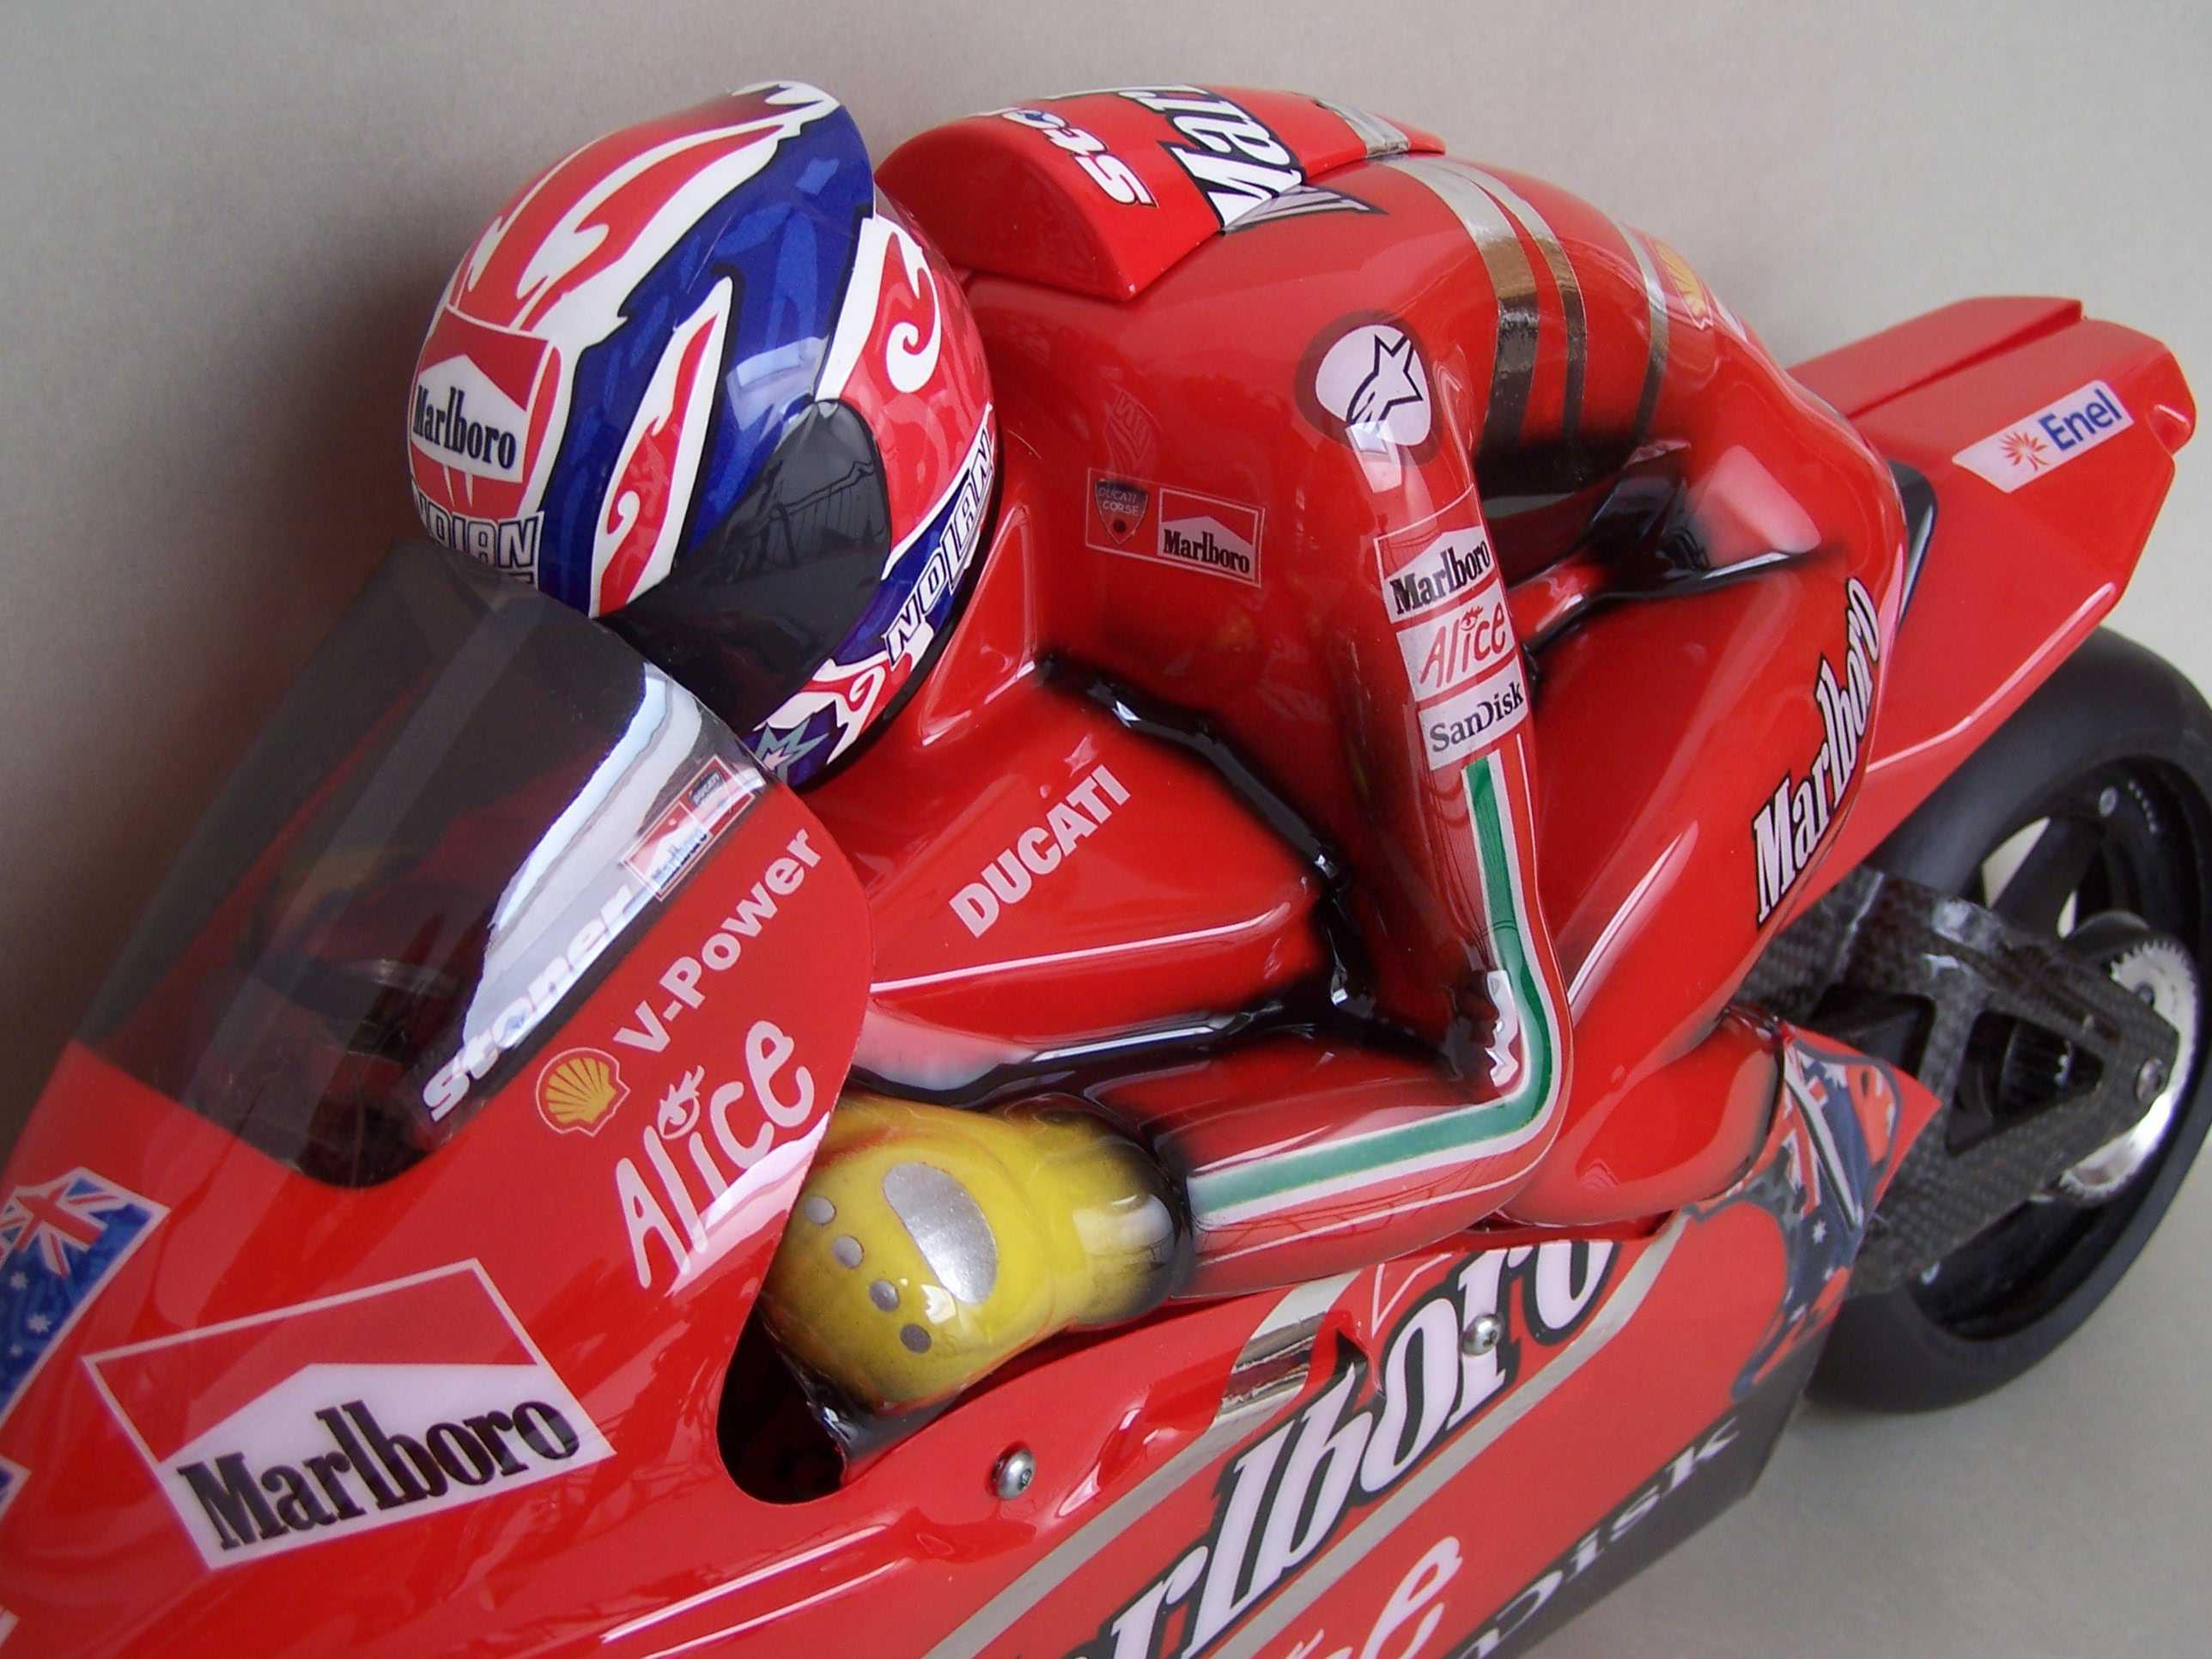 [Marlboro-Ducati-Stoner-2008-8.jpg]